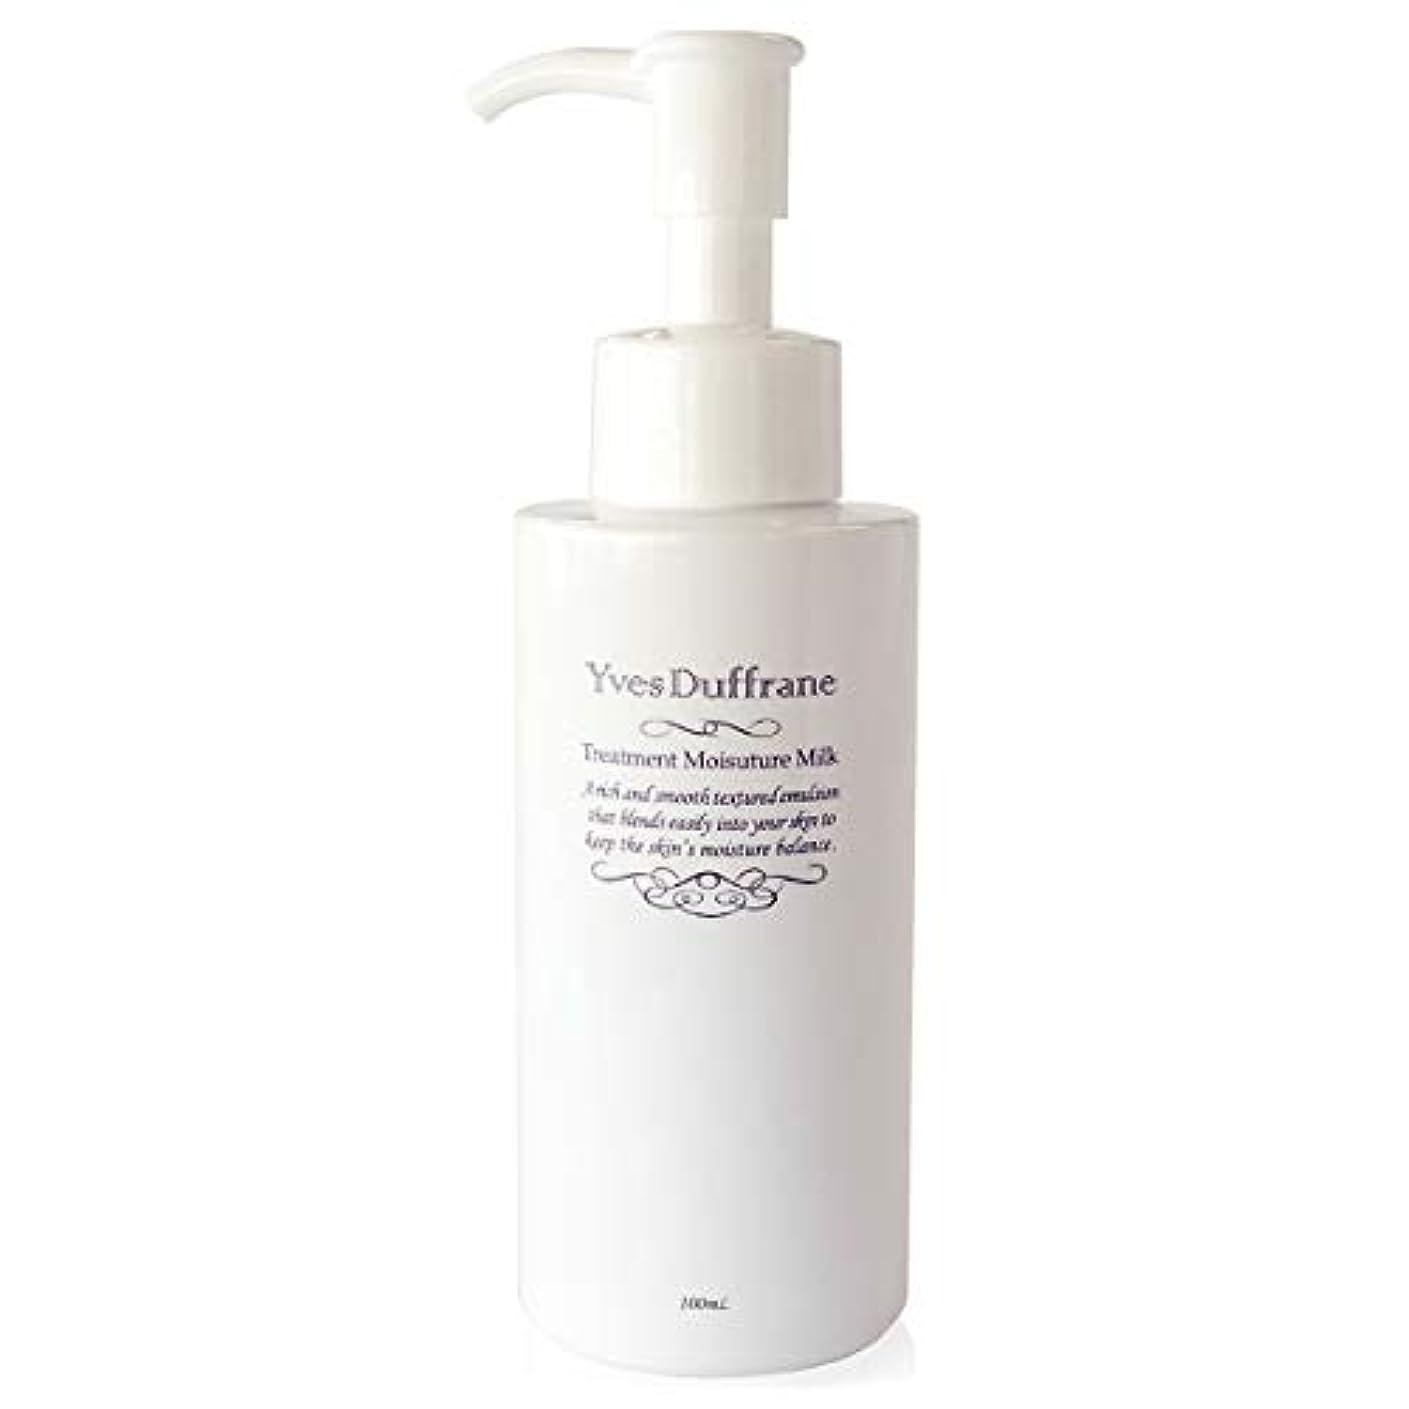 同種のセージ申し立てられた乳液/セラミド アミノ酸 配合 [ 美容乳液 ] 増粘剤不使用 保湿 乾燥?敏感肌対応